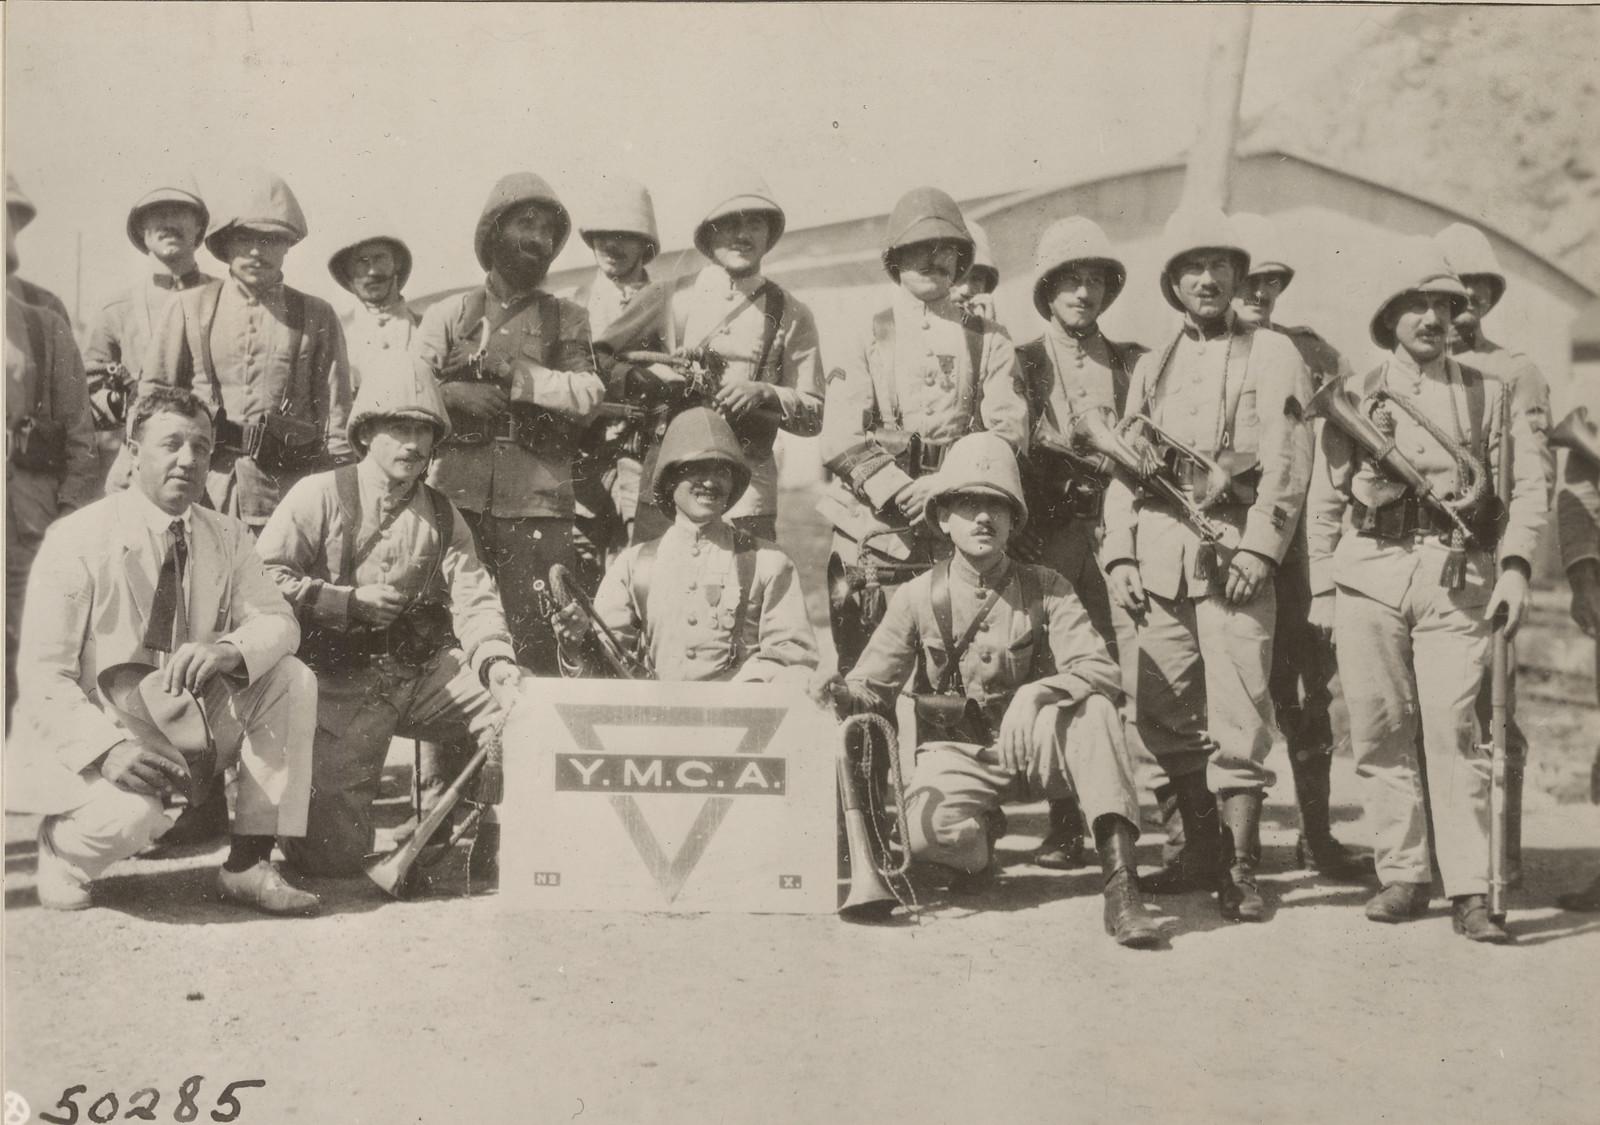 1918. Высадка французских войск. Французский военный оркестр